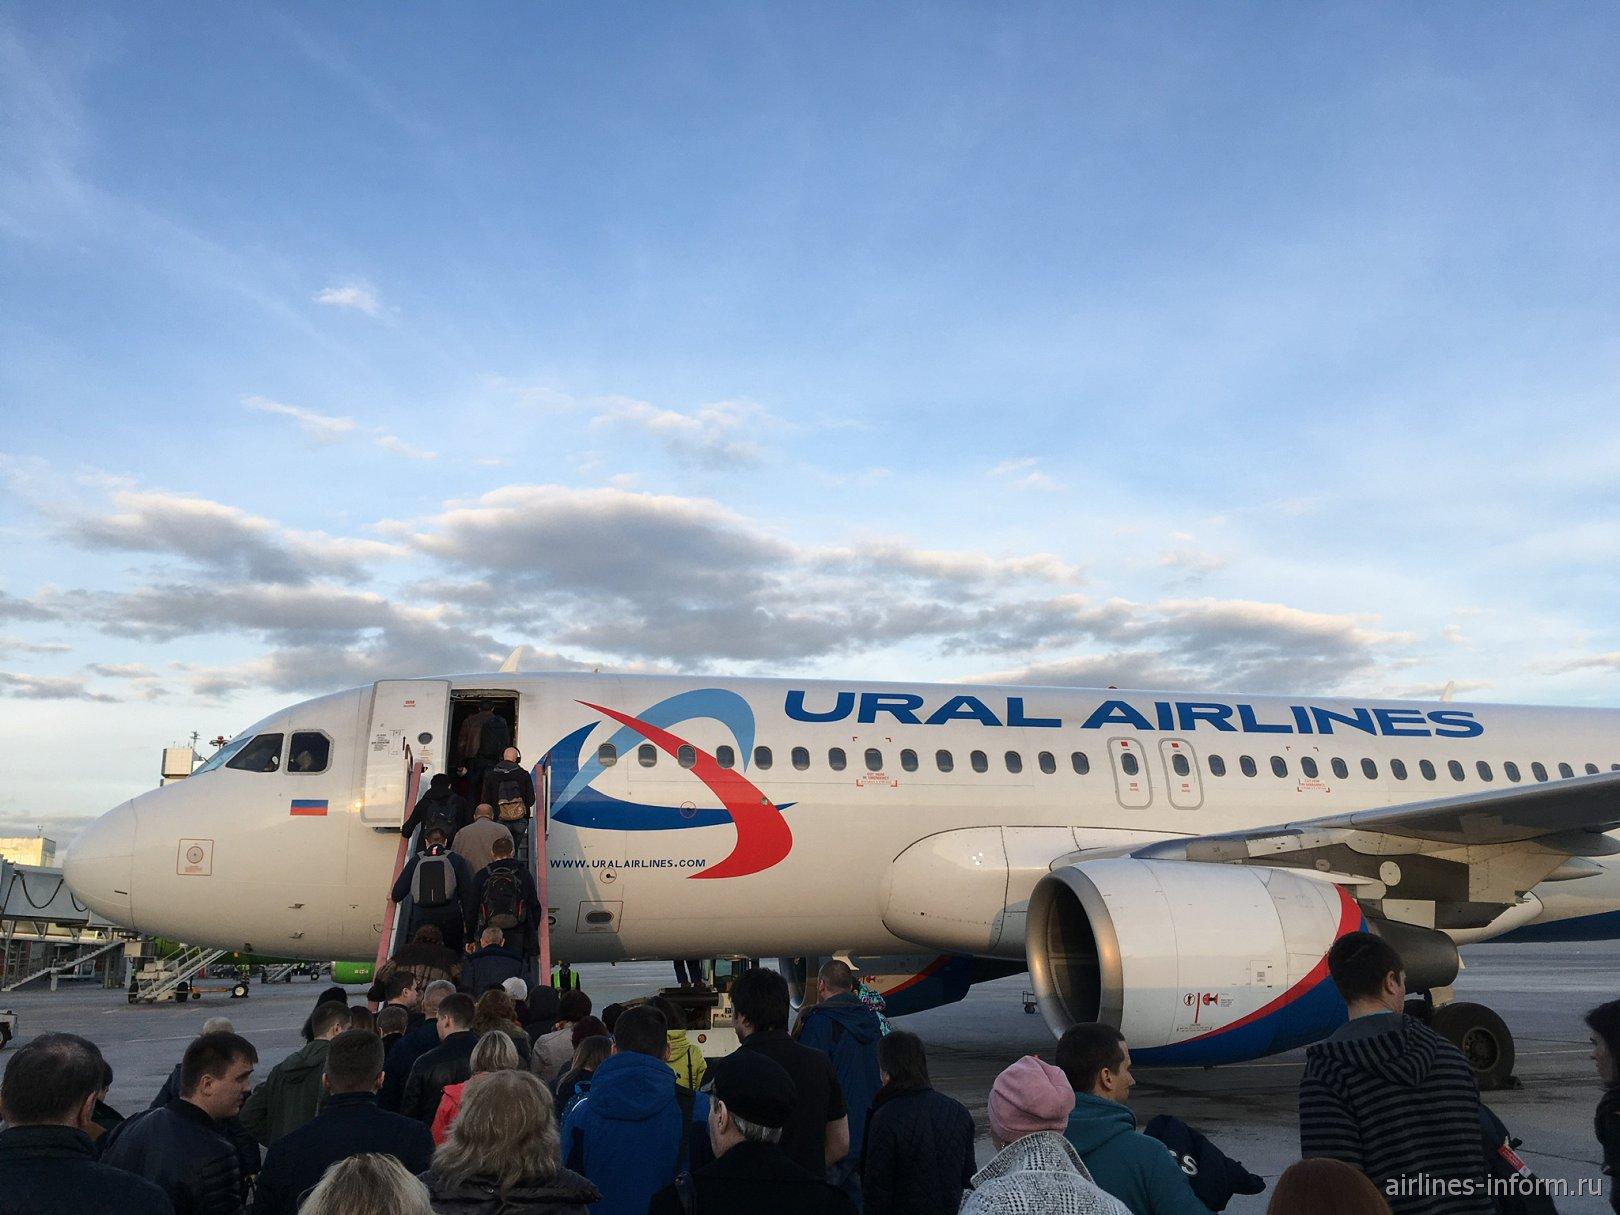 Екатеринбург - Санкт-Петербург с Уральскими авиалиниями